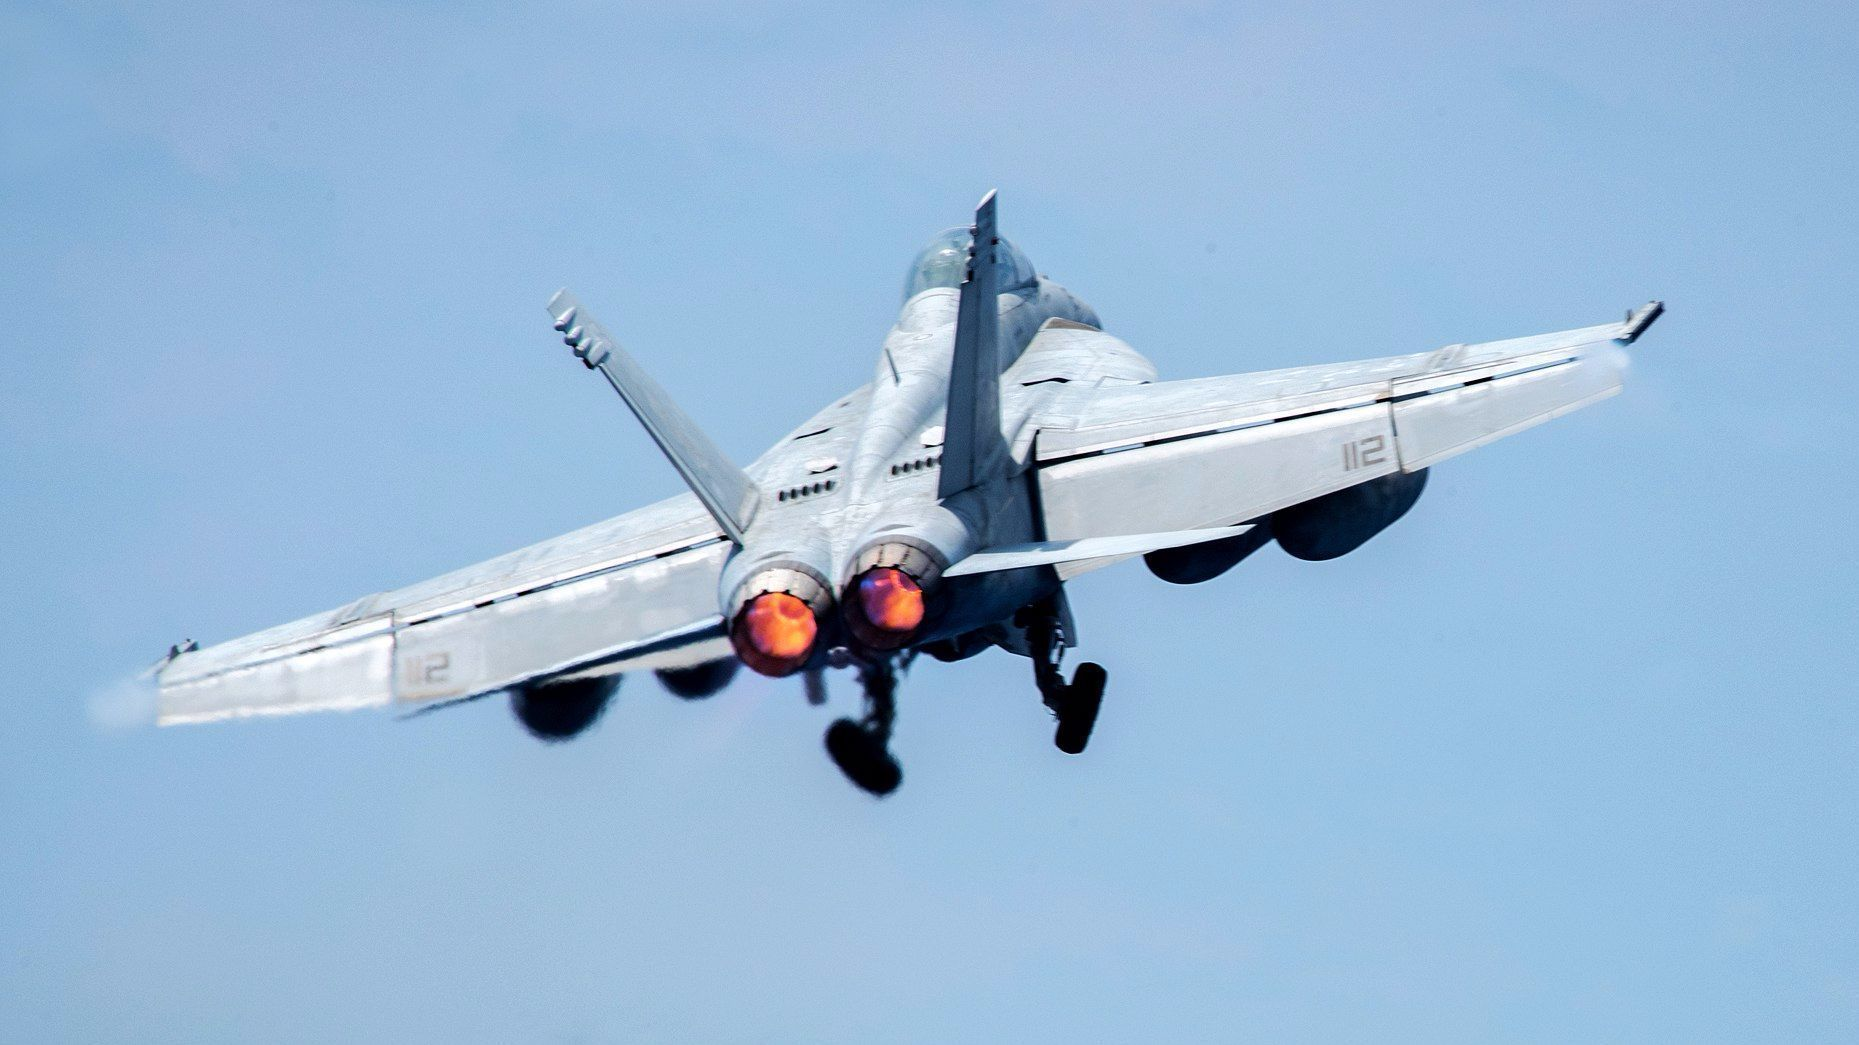 U.S. fighter jet crash-lands at Bahrain International Airport